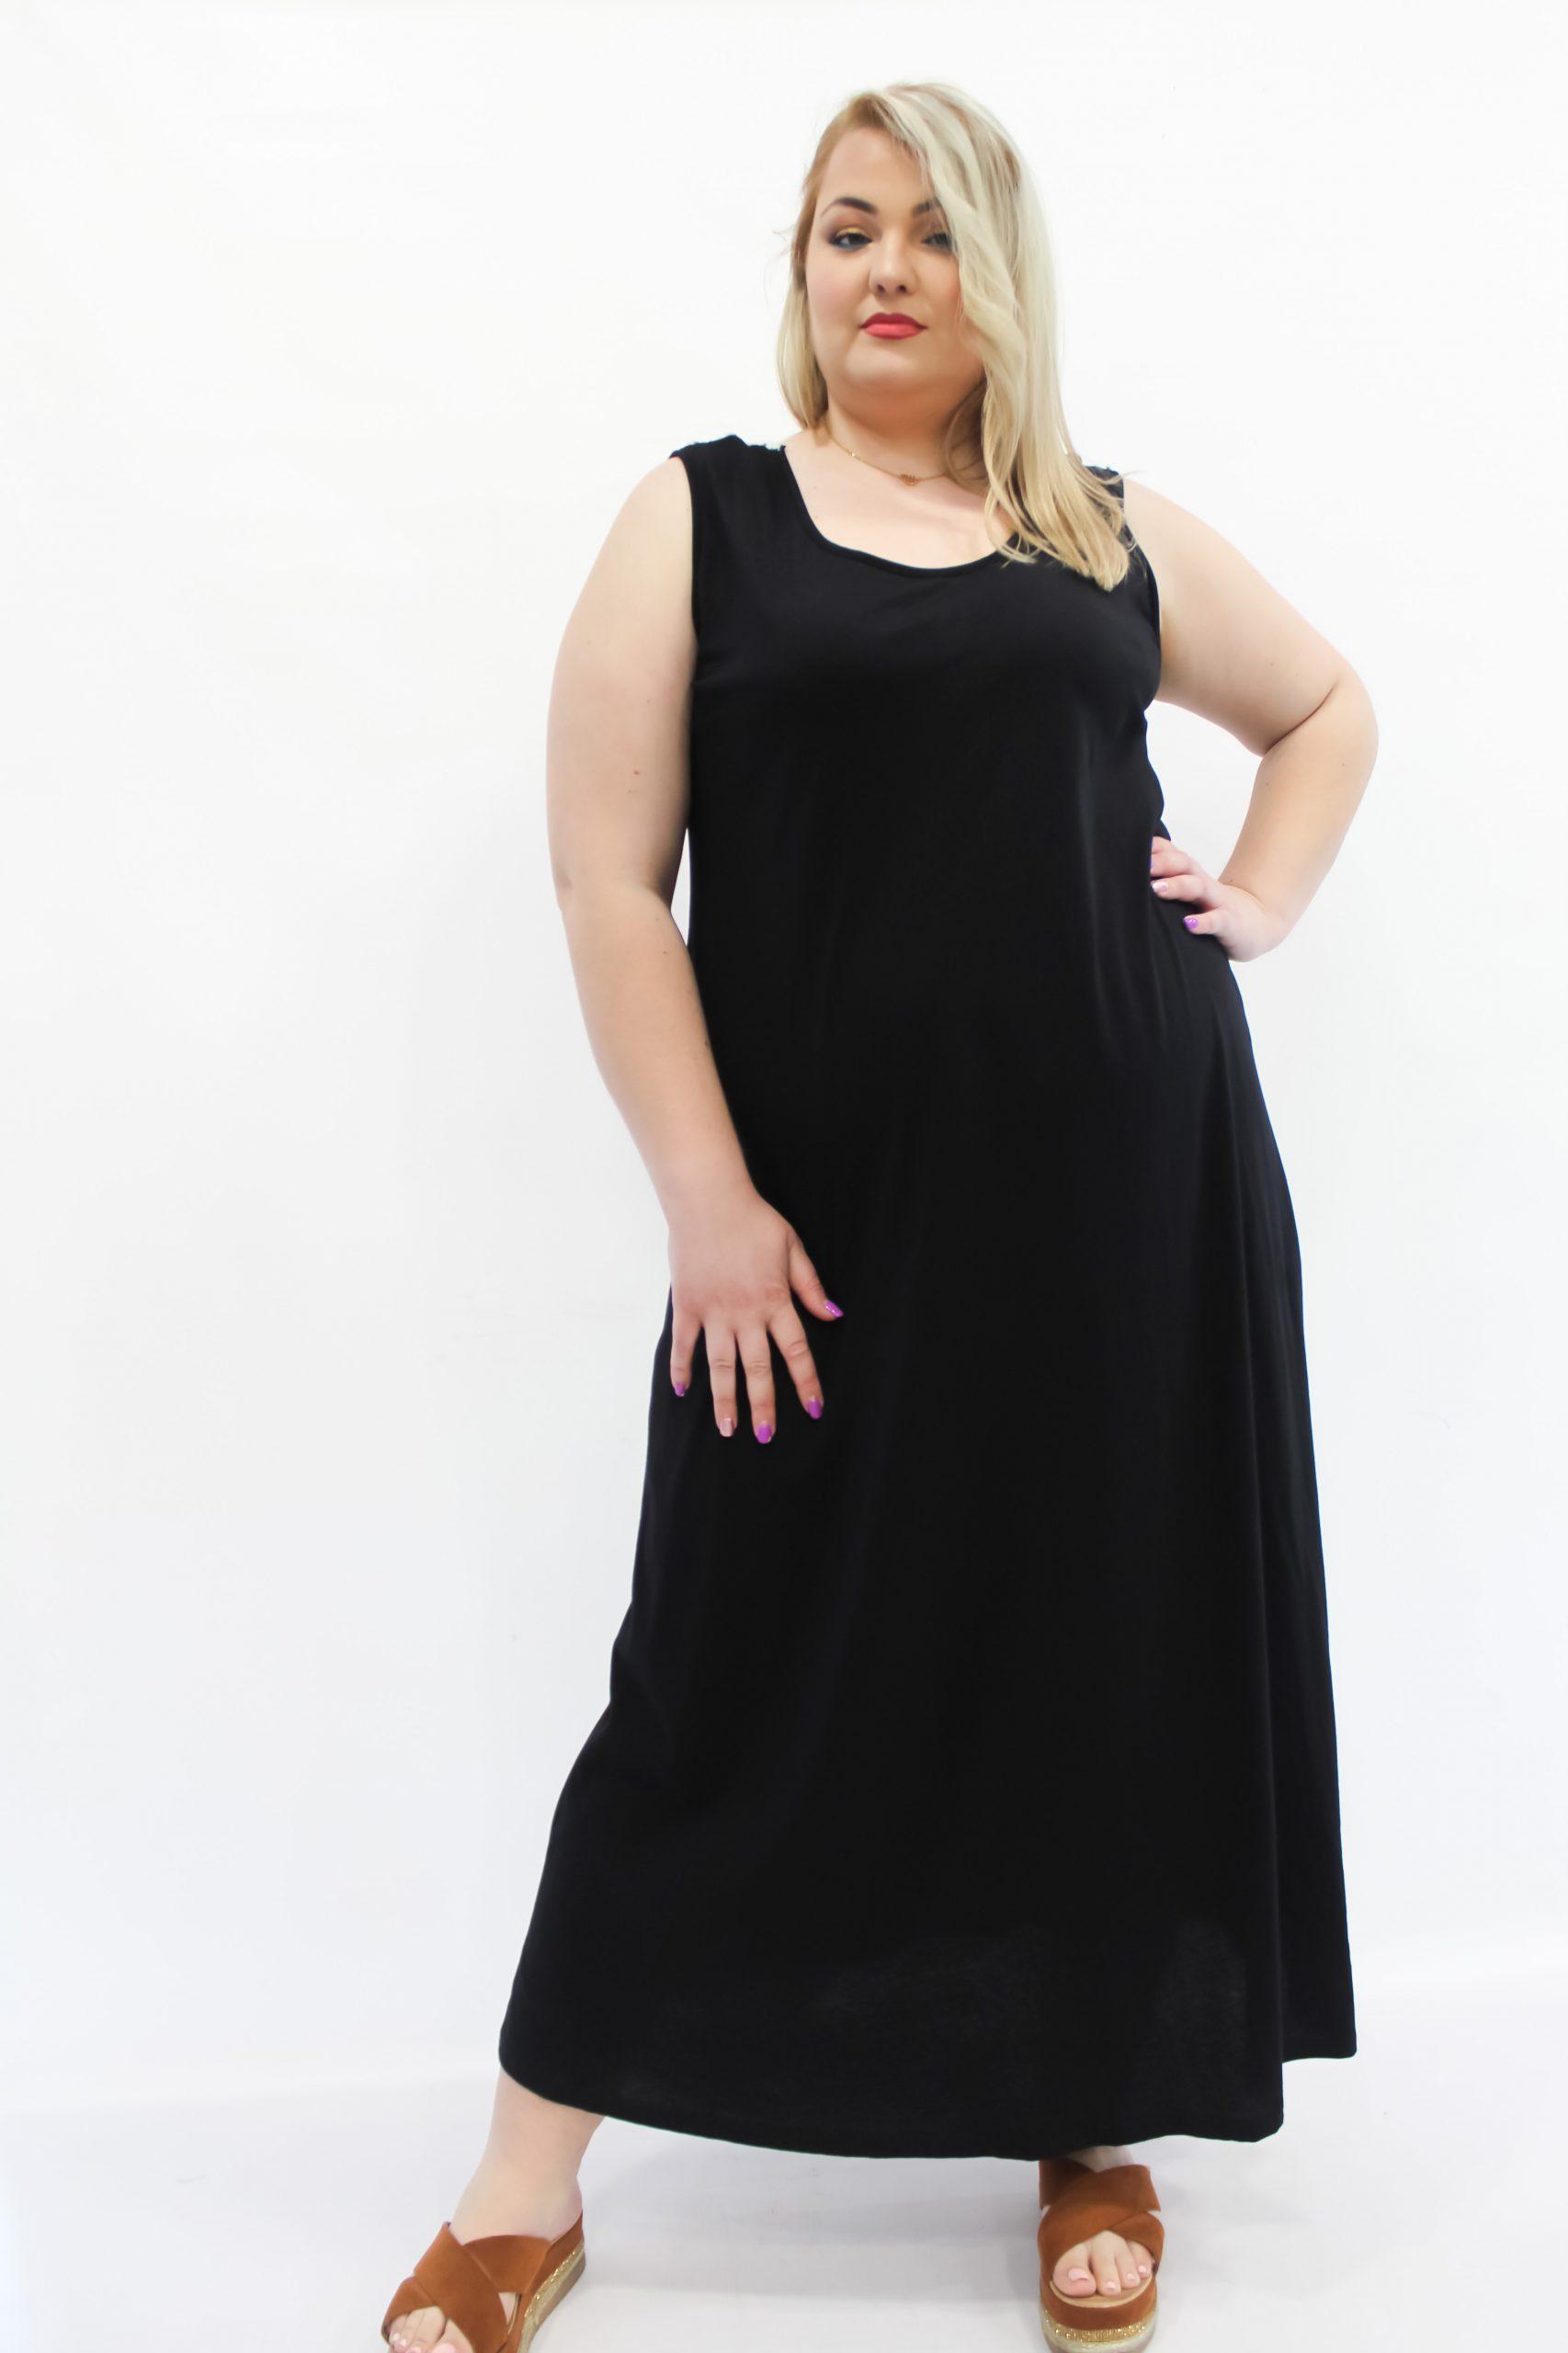 Φόρεμα maxi μεγάλα μεγέθη αμάνικο με δαντέλα στη πλάτη..Στο eshop μας θα βρείτε οικονομικά γυναίκεια ρούχα σε μεγάλα μεγέθη και υπερμεγέθη.